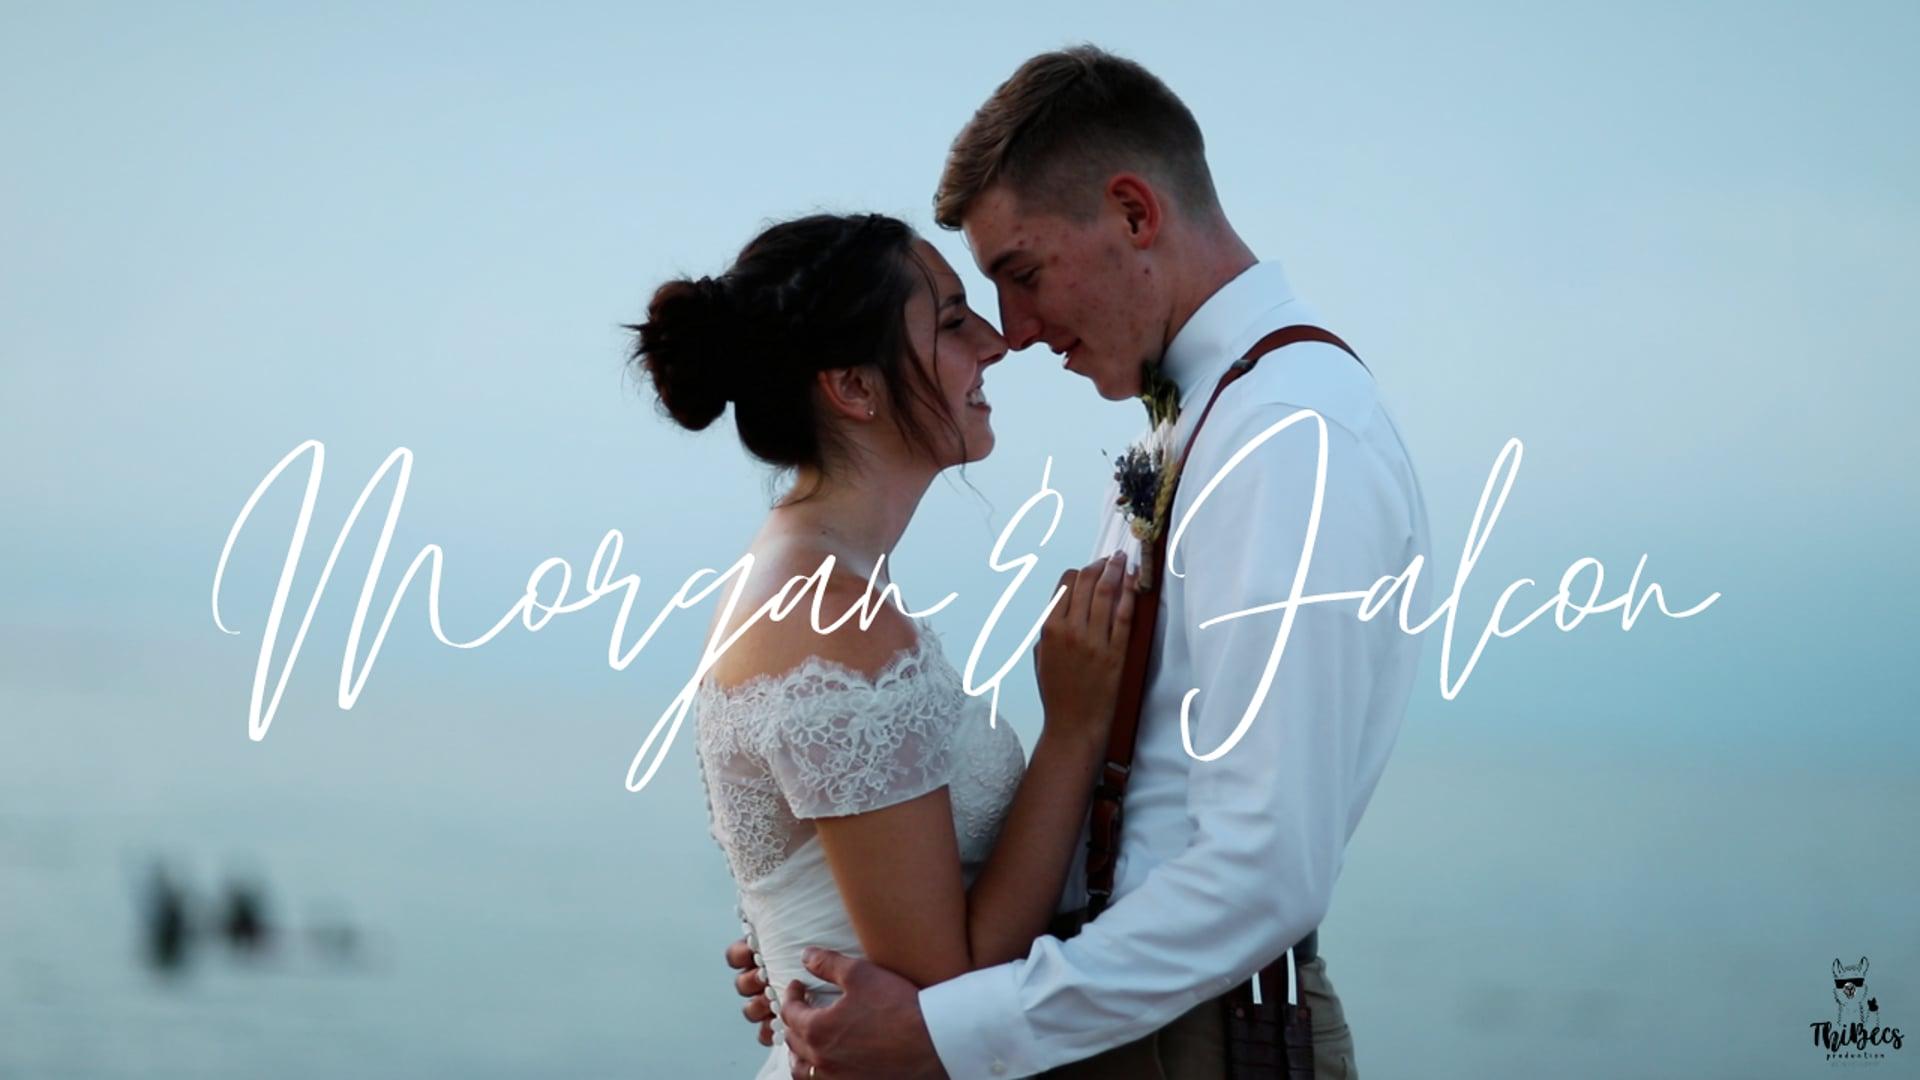 Morgan & Falcon | Highlight Video | Virginia Beach, VA